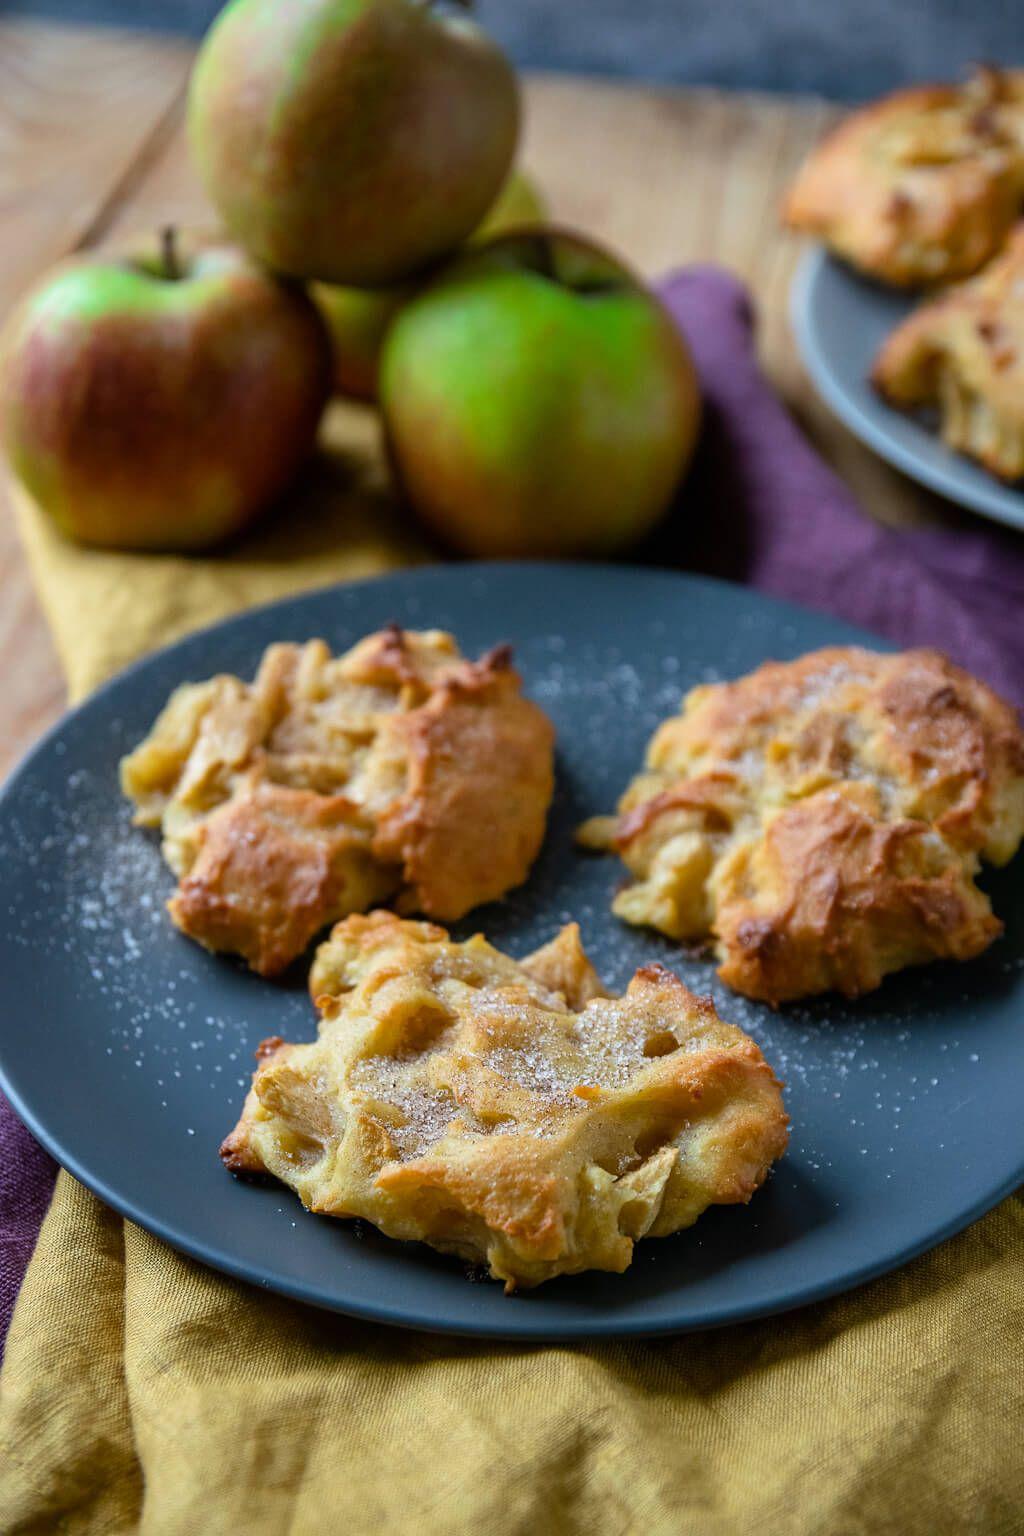 Saftige Apfel Zimt Taler Einfach Malene Rezept Apfel Zimt Kuchen Fingerfood Desserts Lebensmittel Essen